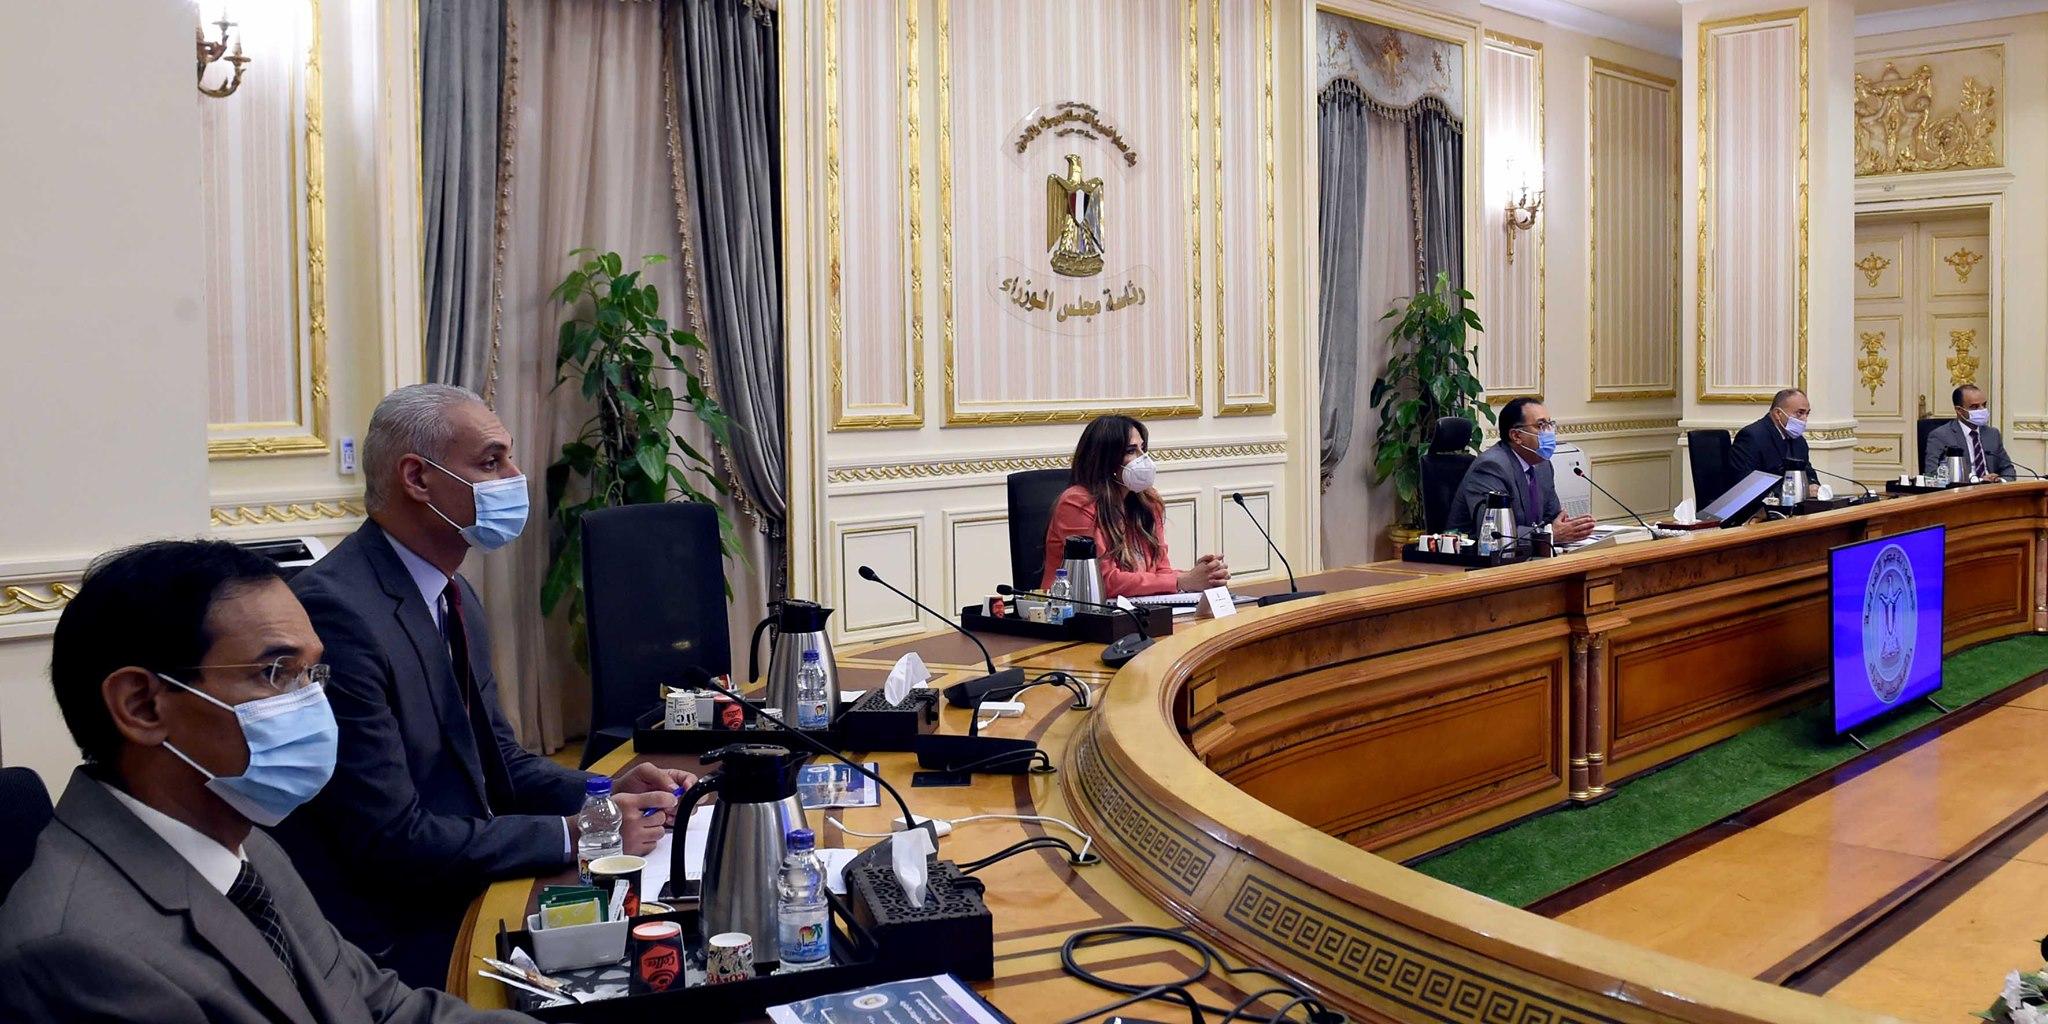 صور | رئيس الوزراء يتابع الموقف التنفيذي للمشروعات التنموية والخدمية بالبحيرة